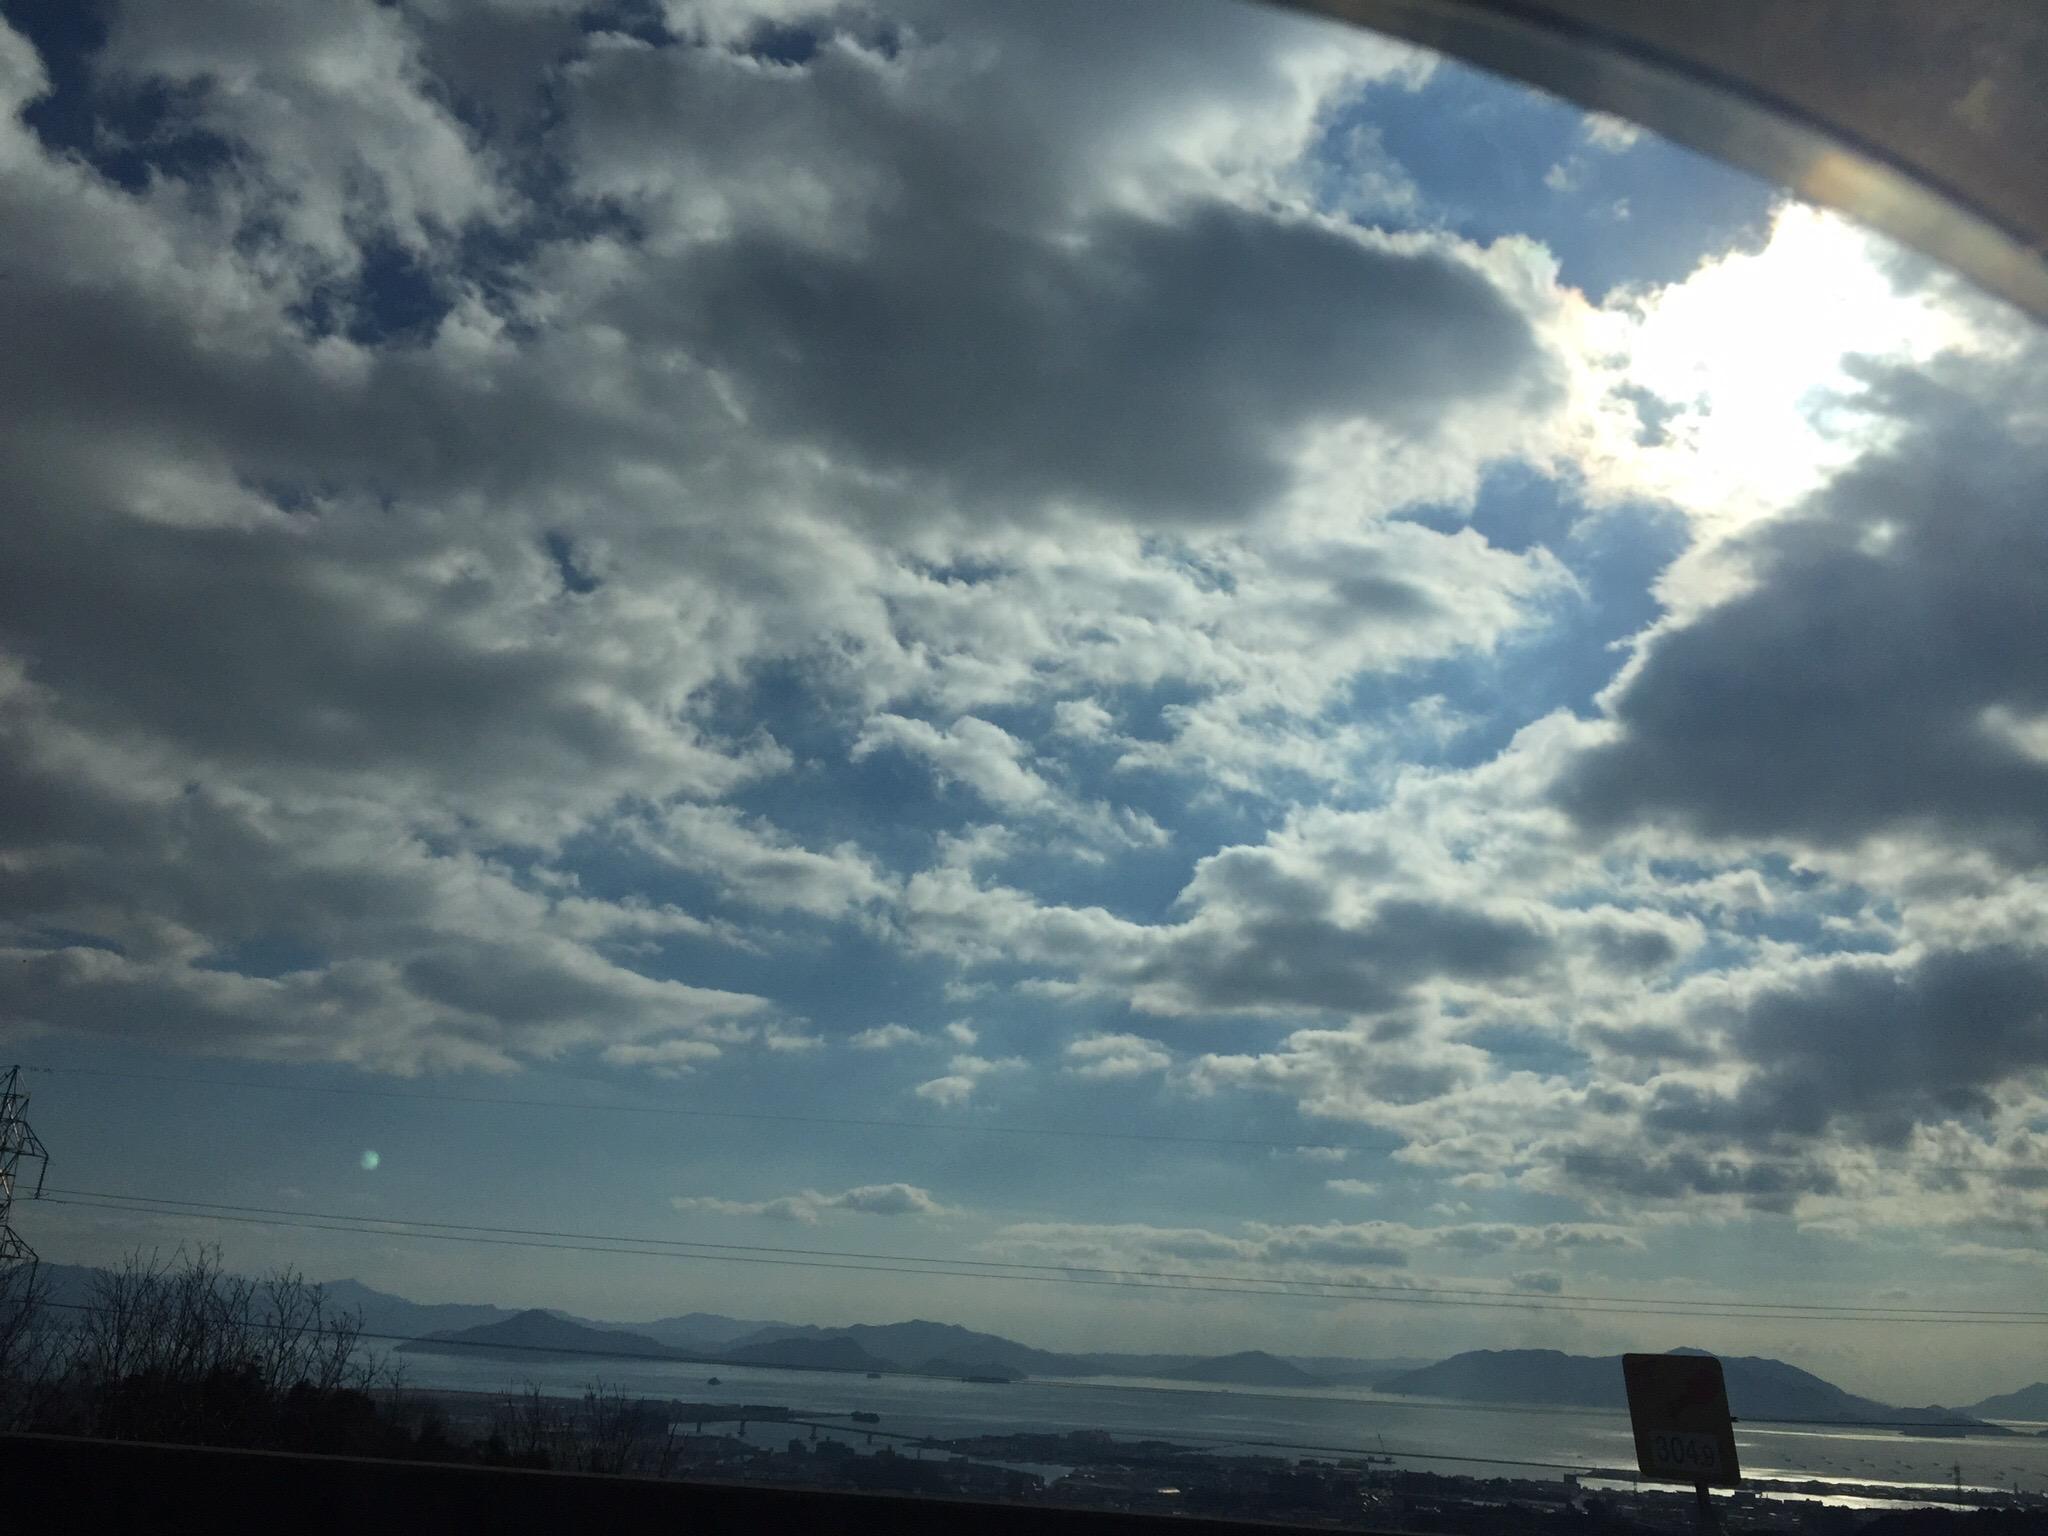 一泊二日で名古屋から車で南にどこまでいけるかやってみる 5